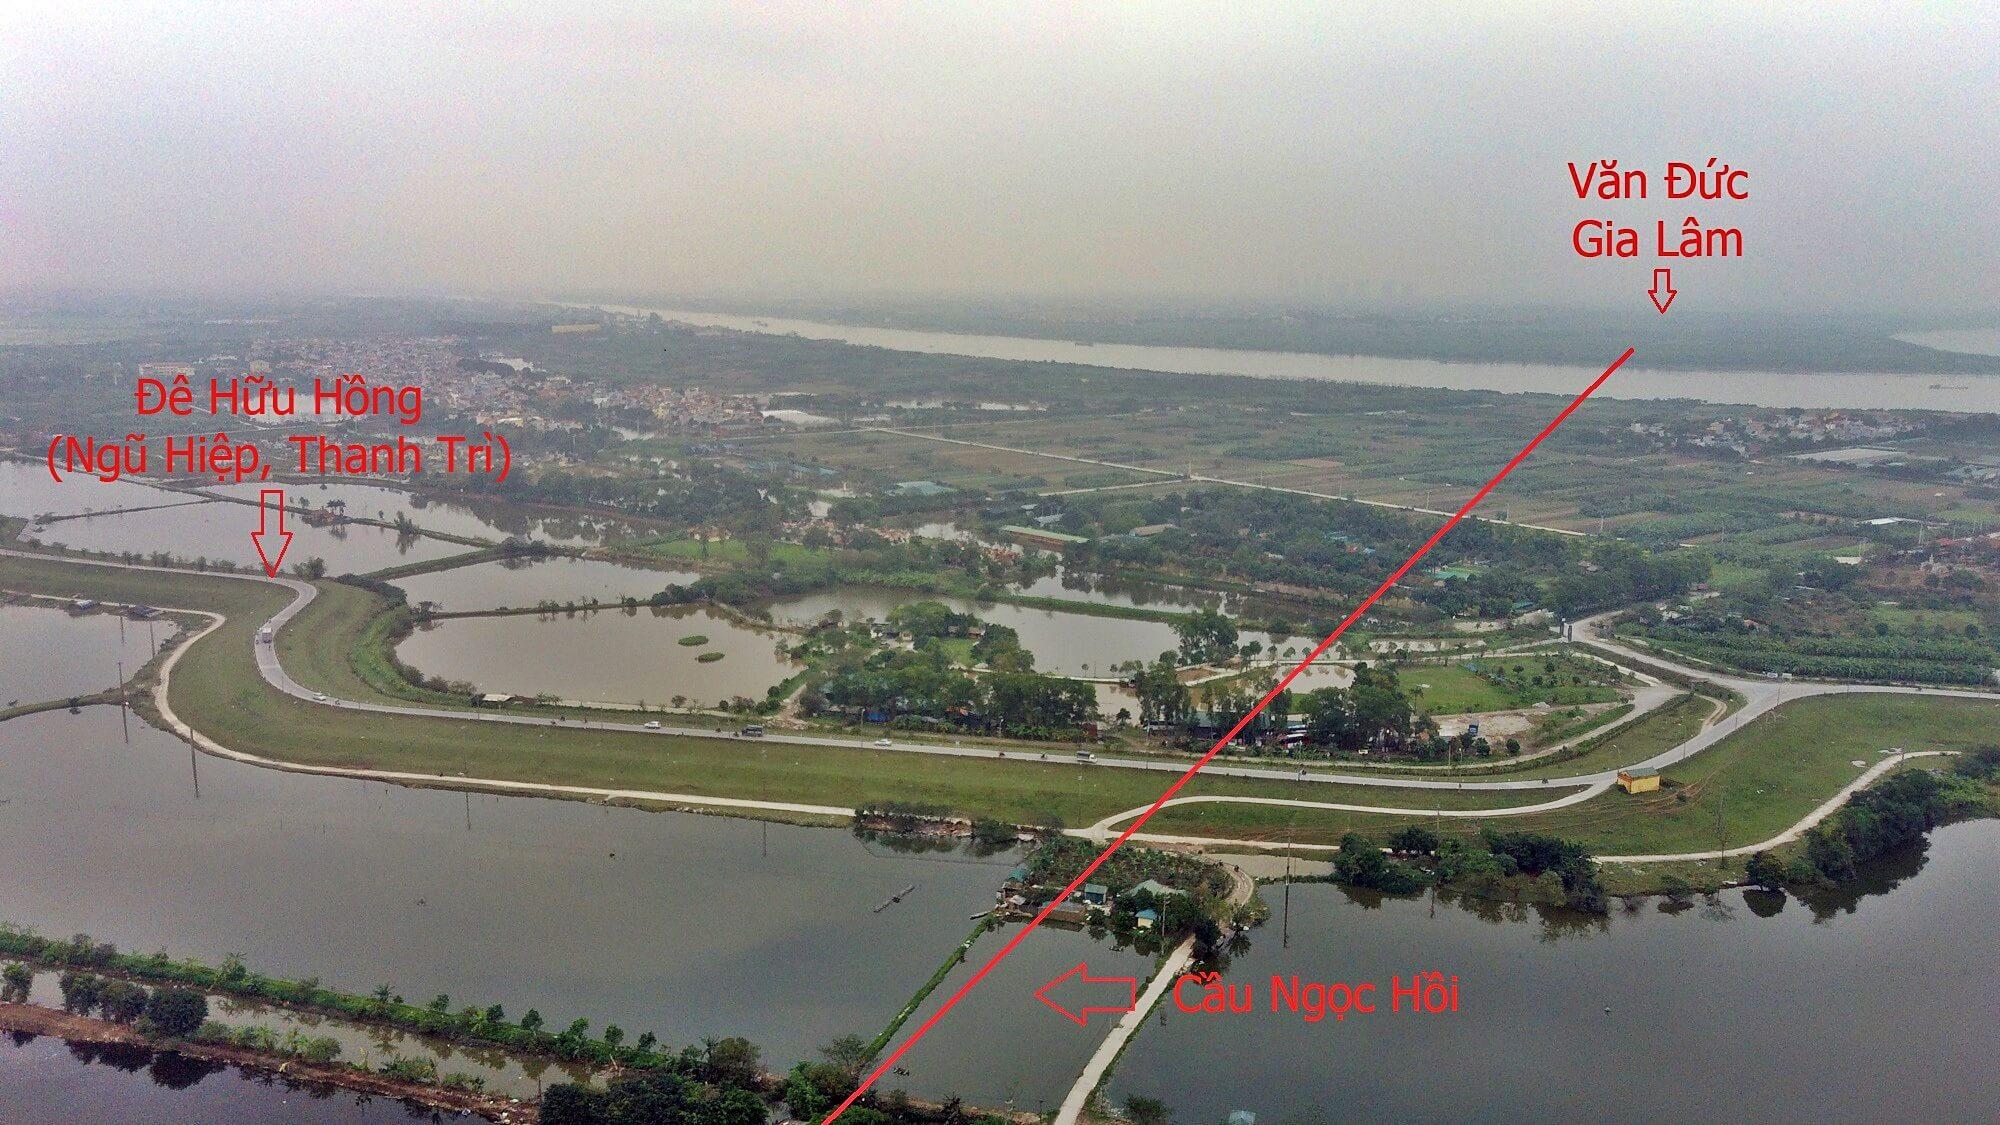 Từ đoạn cắt Pháp Vân - Cầu Giẽ lên đê sông Hồng chủ yếu là ao hồ, đồng ruộng.